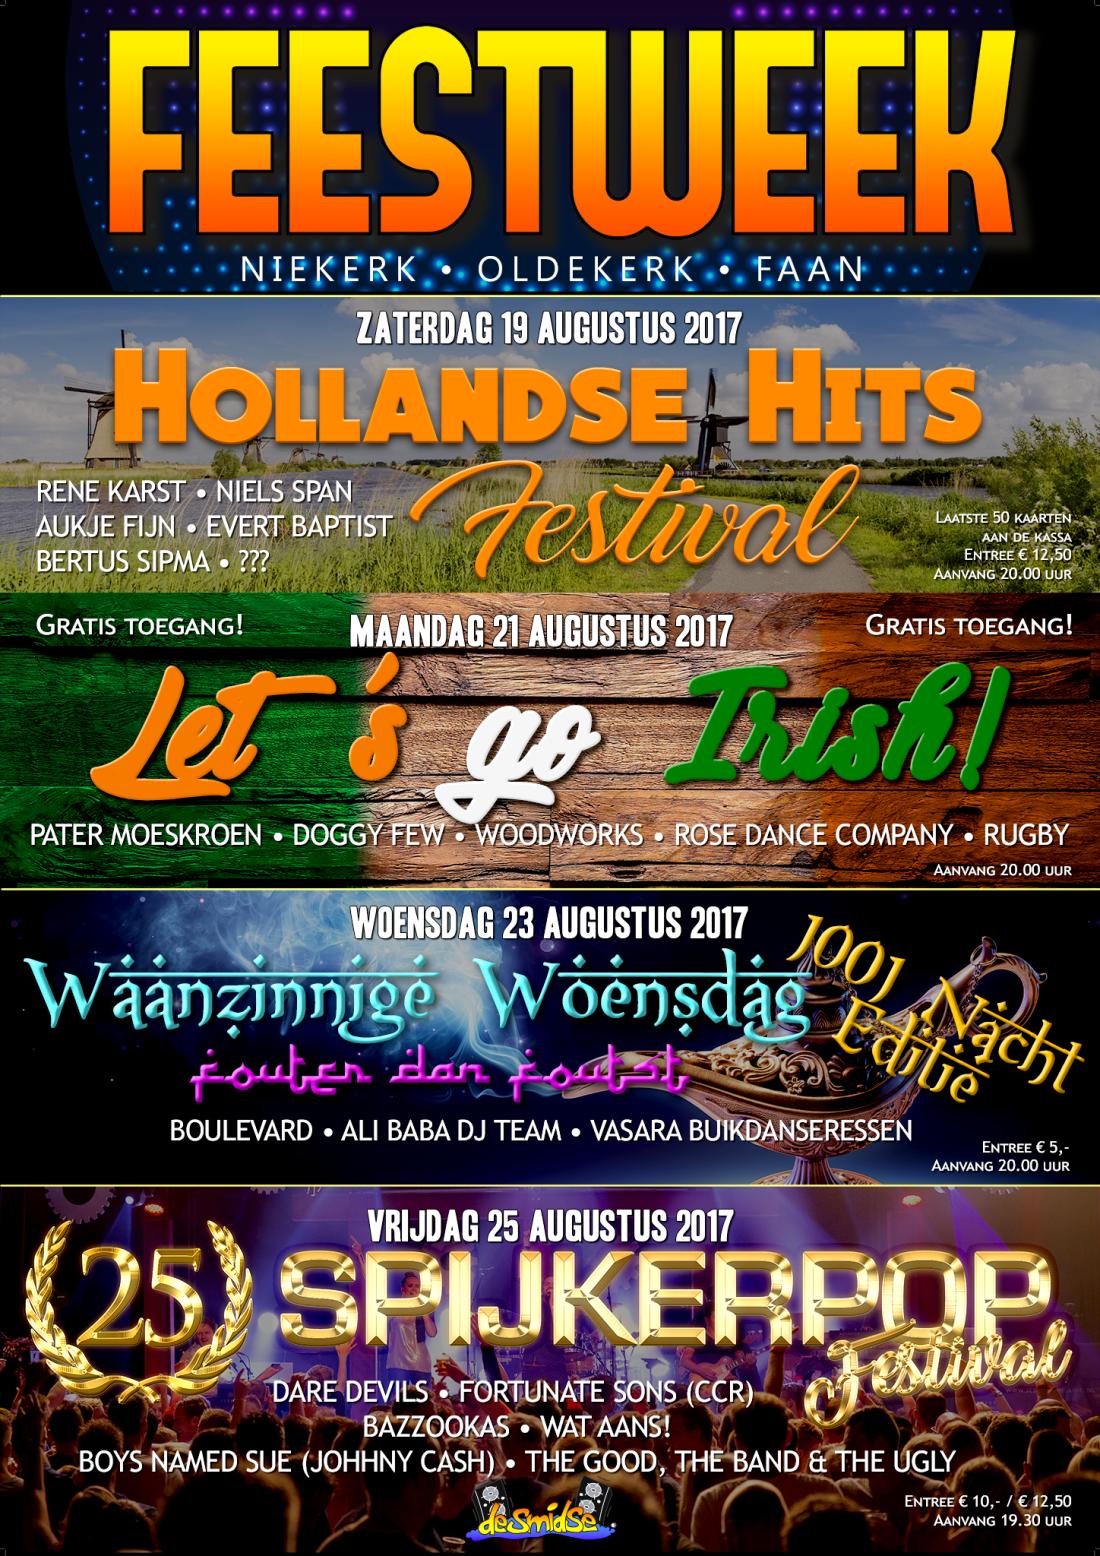 Feestweek Poster 2017